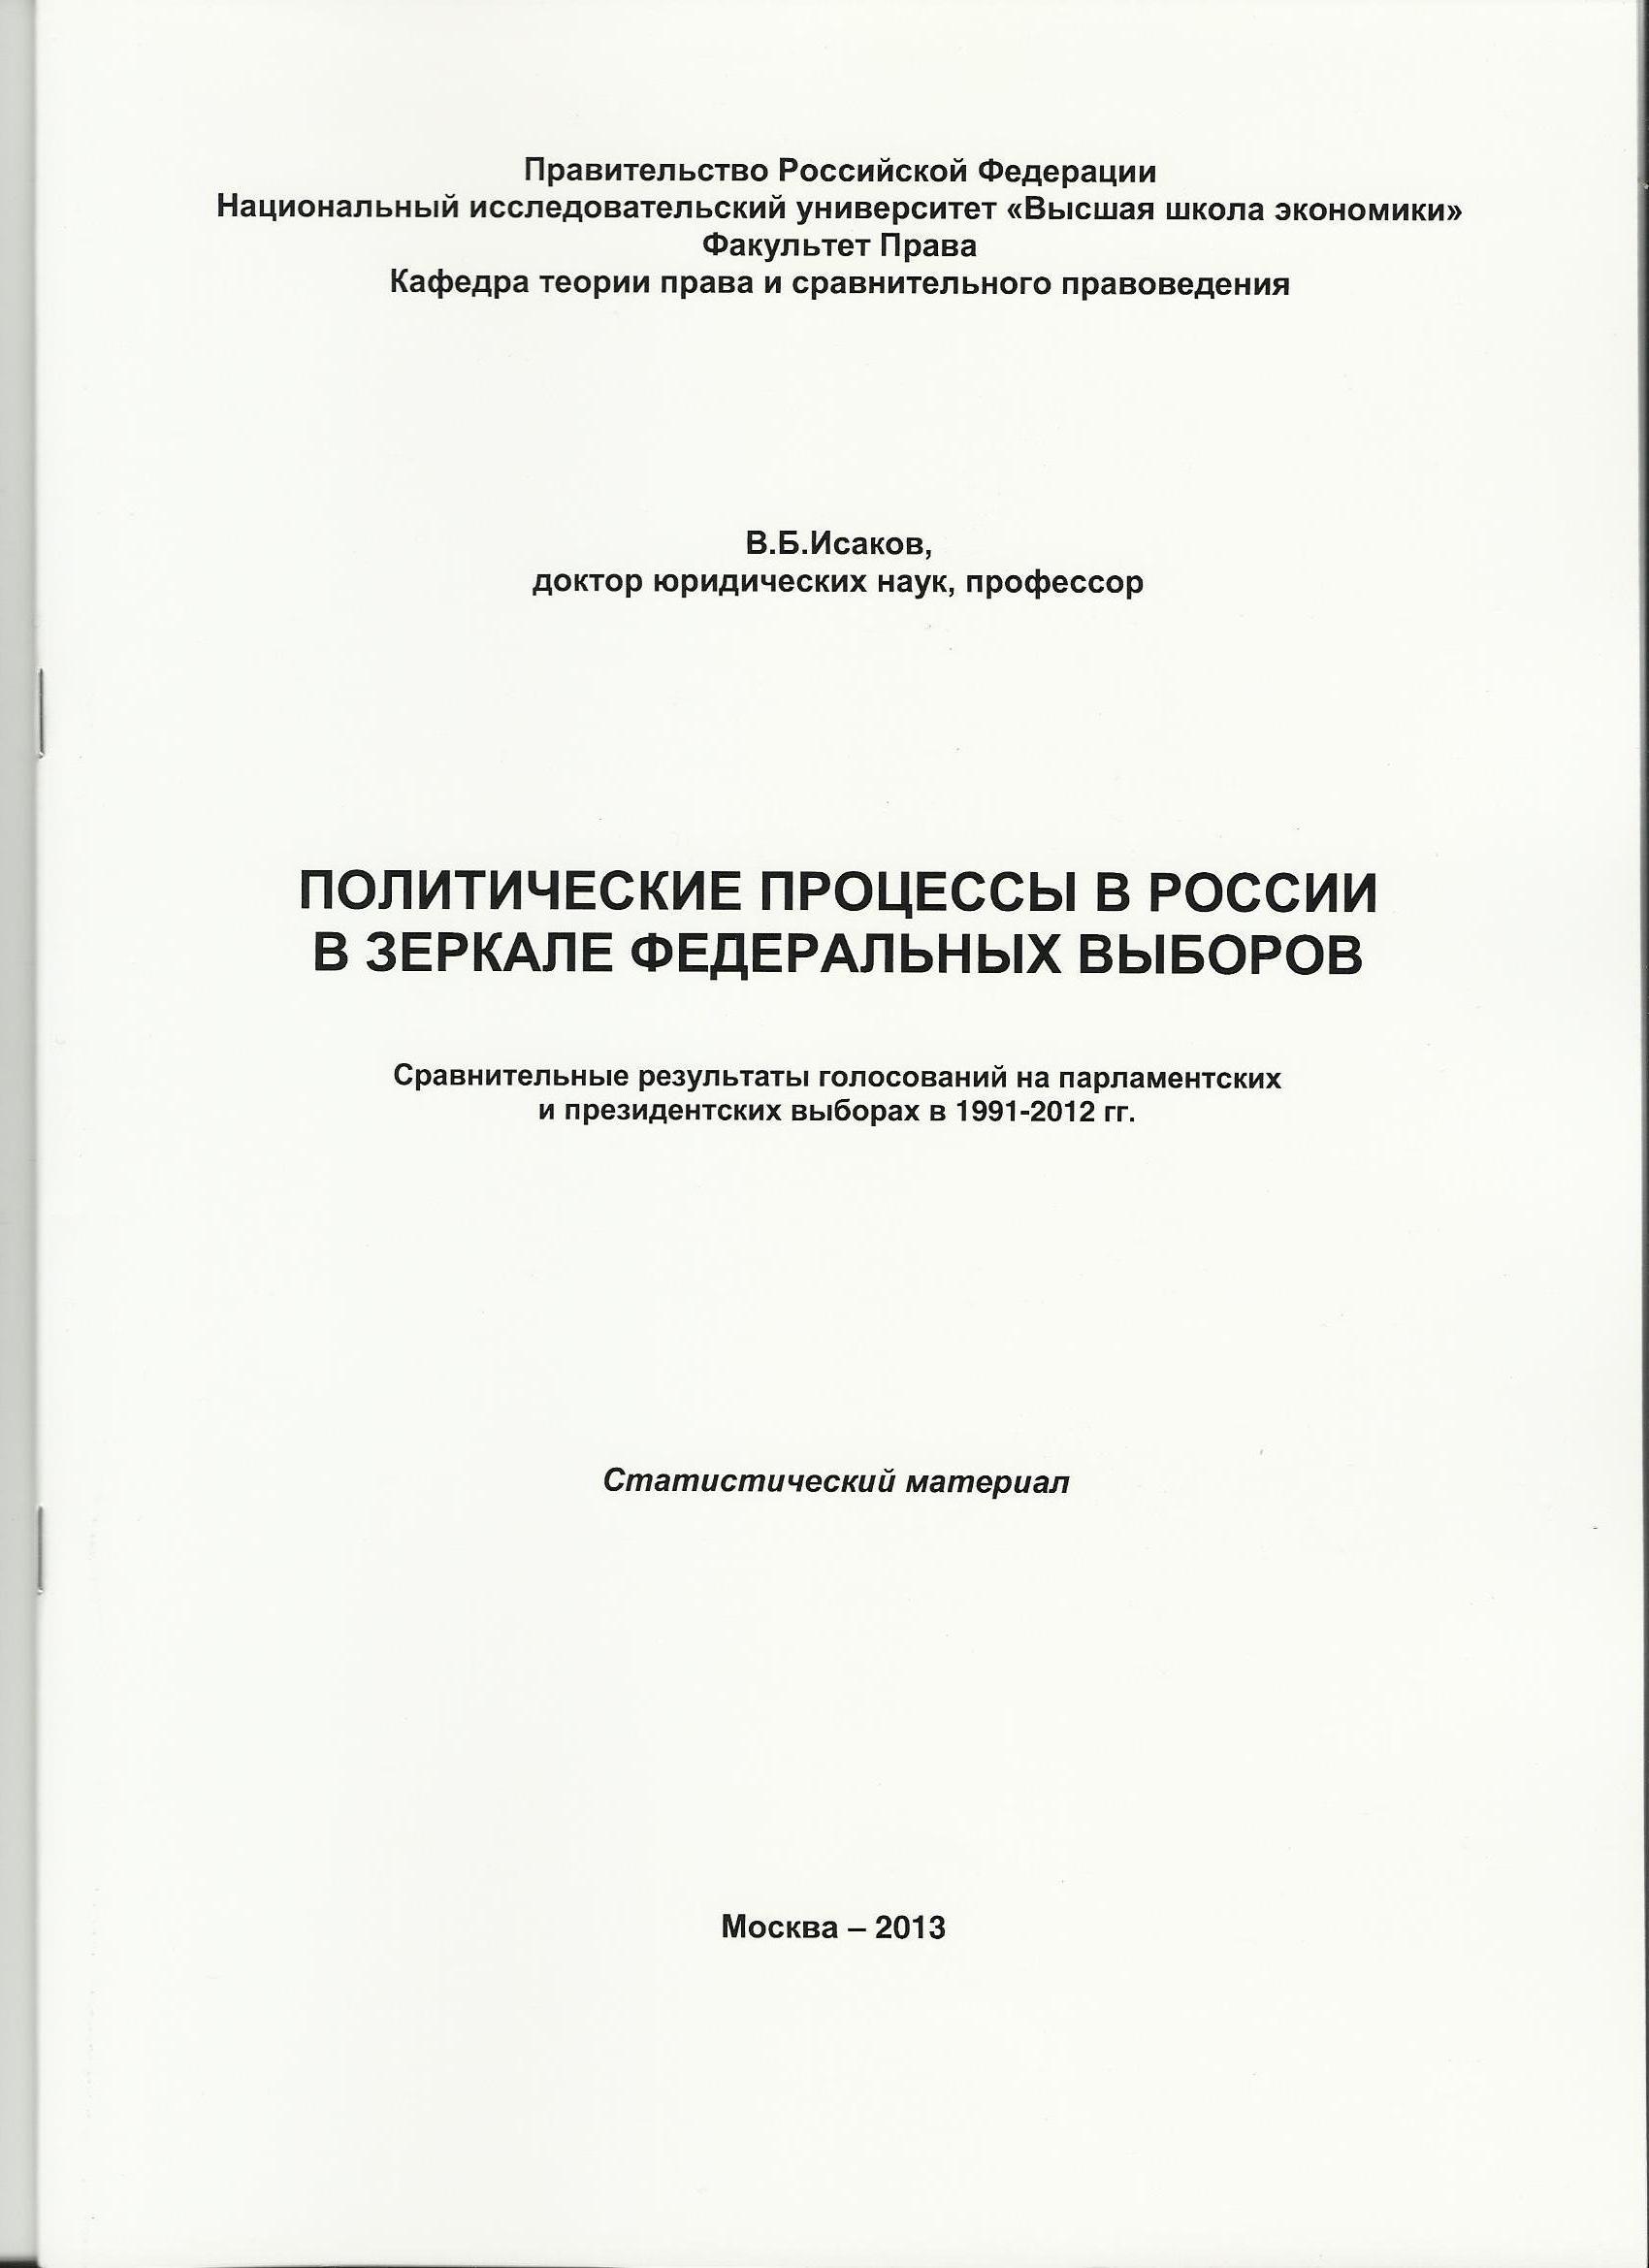 Политические процессы в России в зеркале федеральных выборов: Сравнительные результаты голосований на парламентских и президентских выборах в 1991-2012 гг.